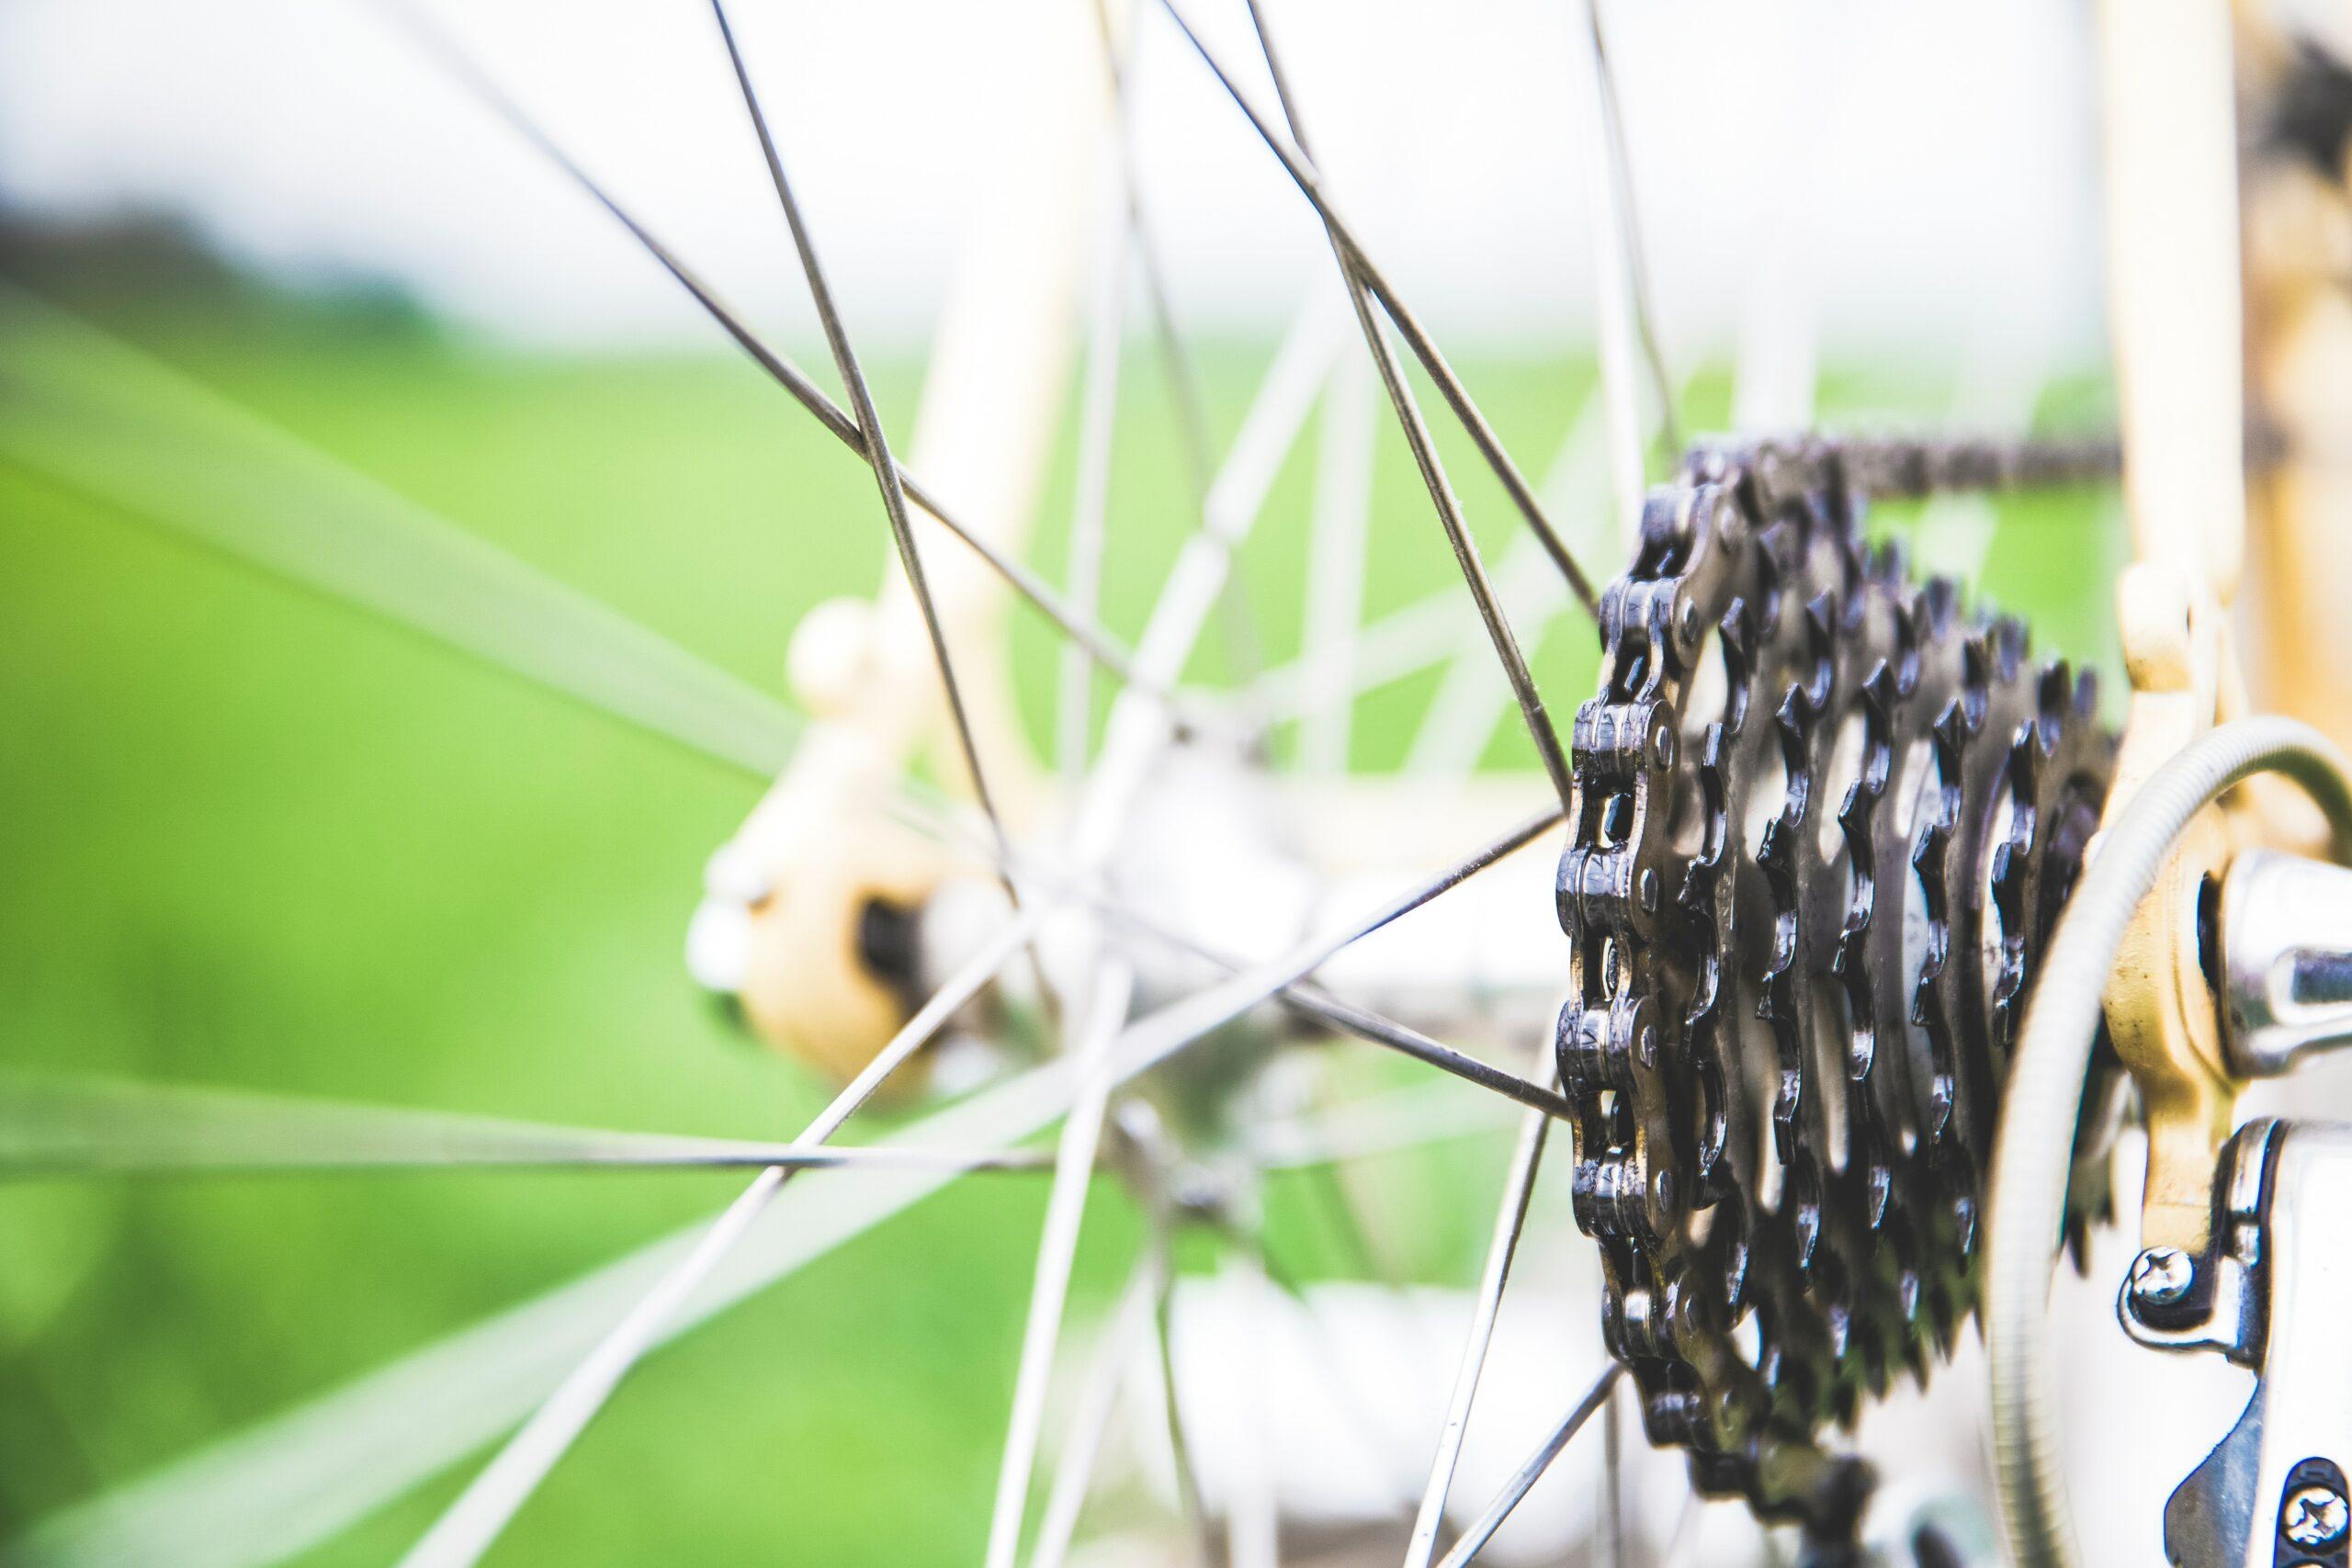 Cicloturismo Alicante - Viajes en bicicleta organizados